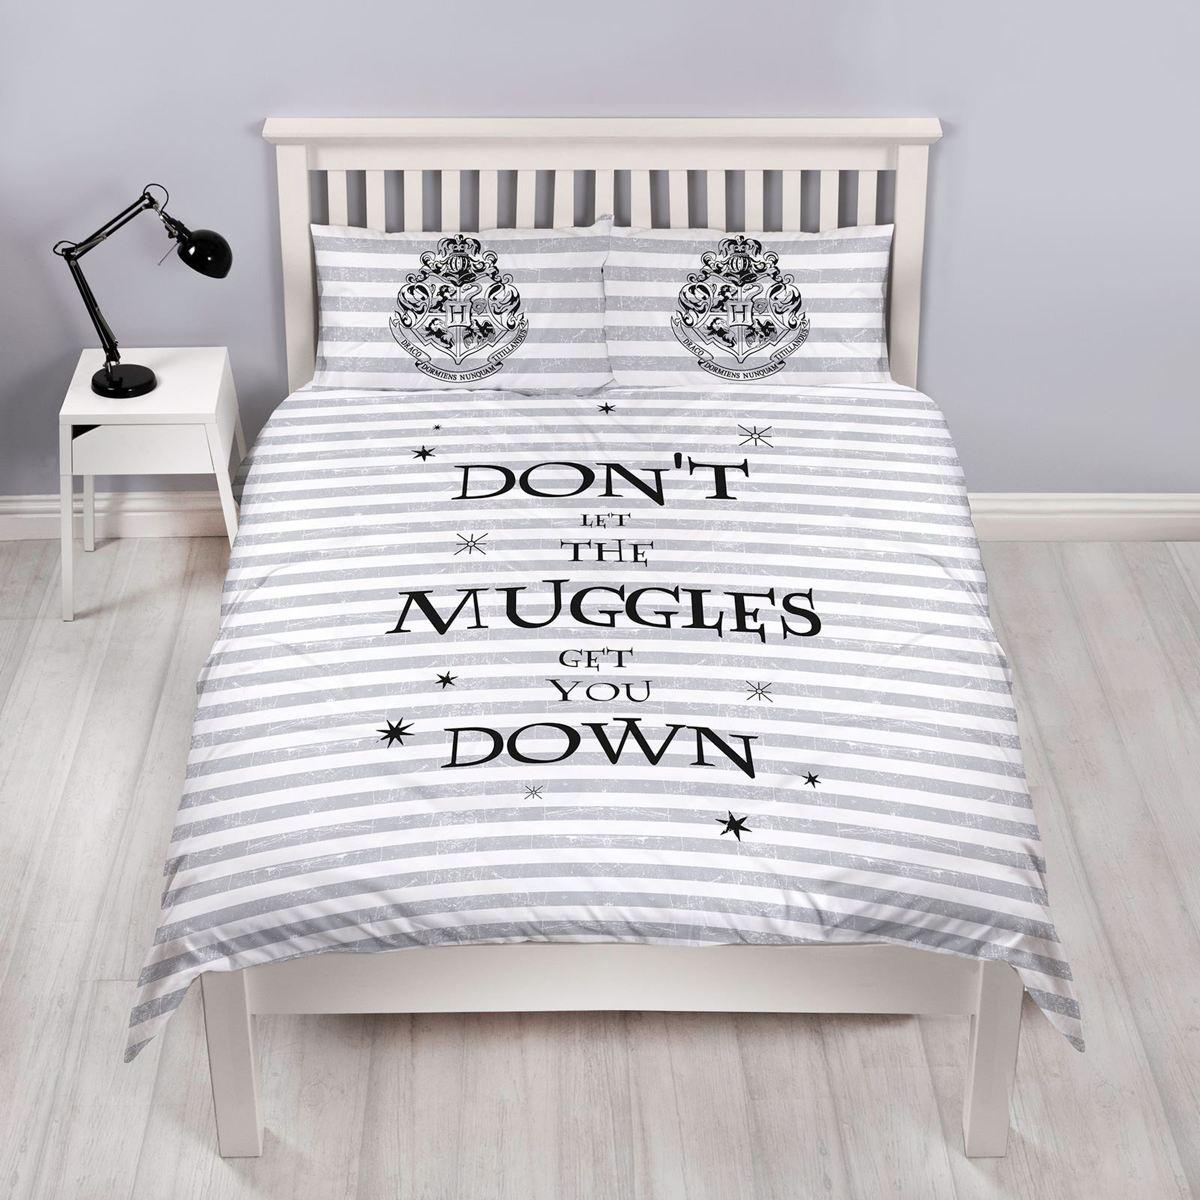 Harry Potter Spell - Dekbedovertrek - Tweepersoons - 200 x 200 cm -  Wit kopen